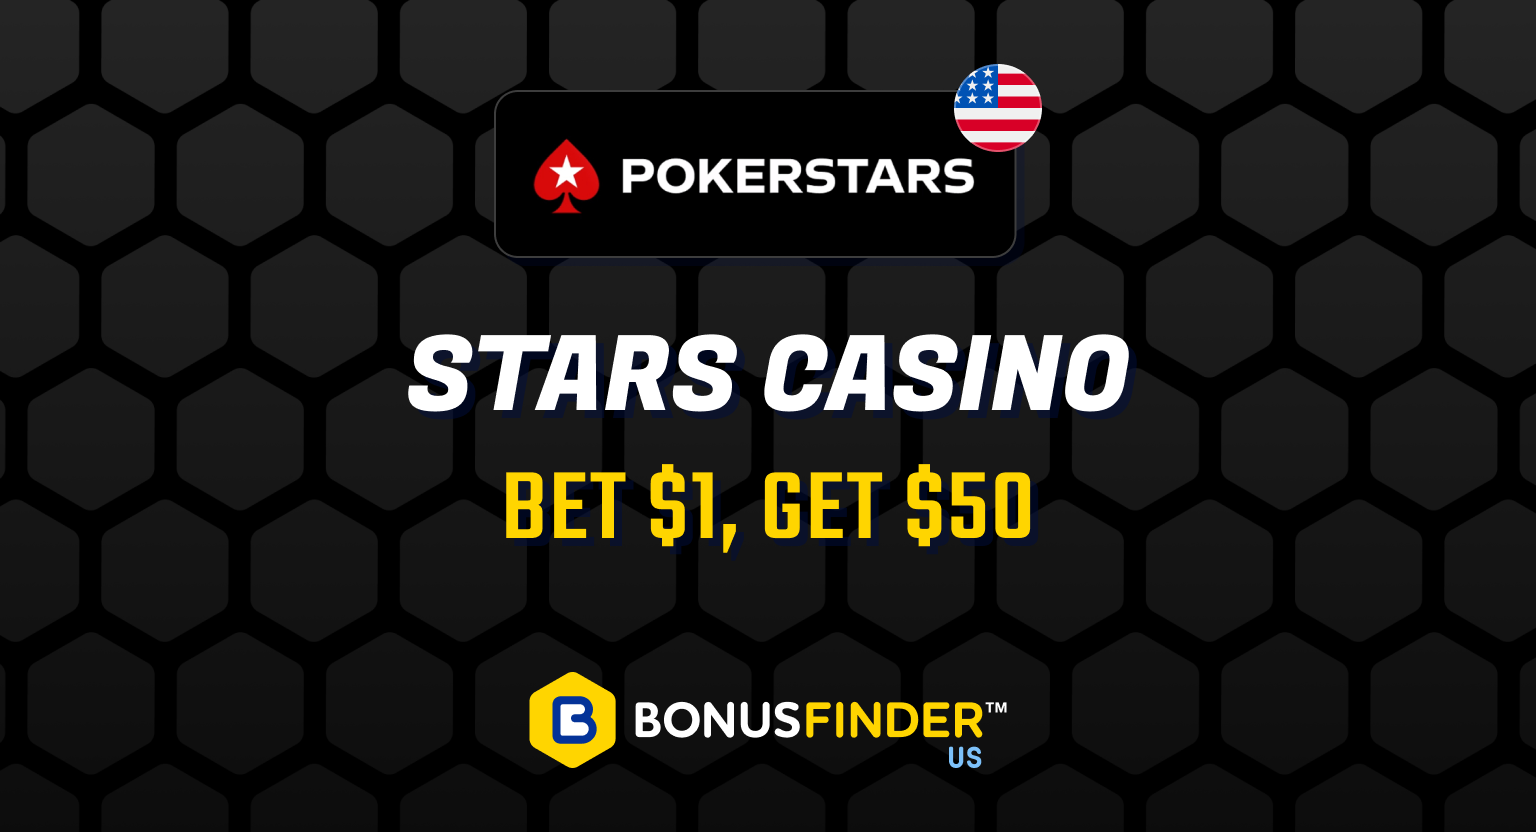 Stars Casino NJ